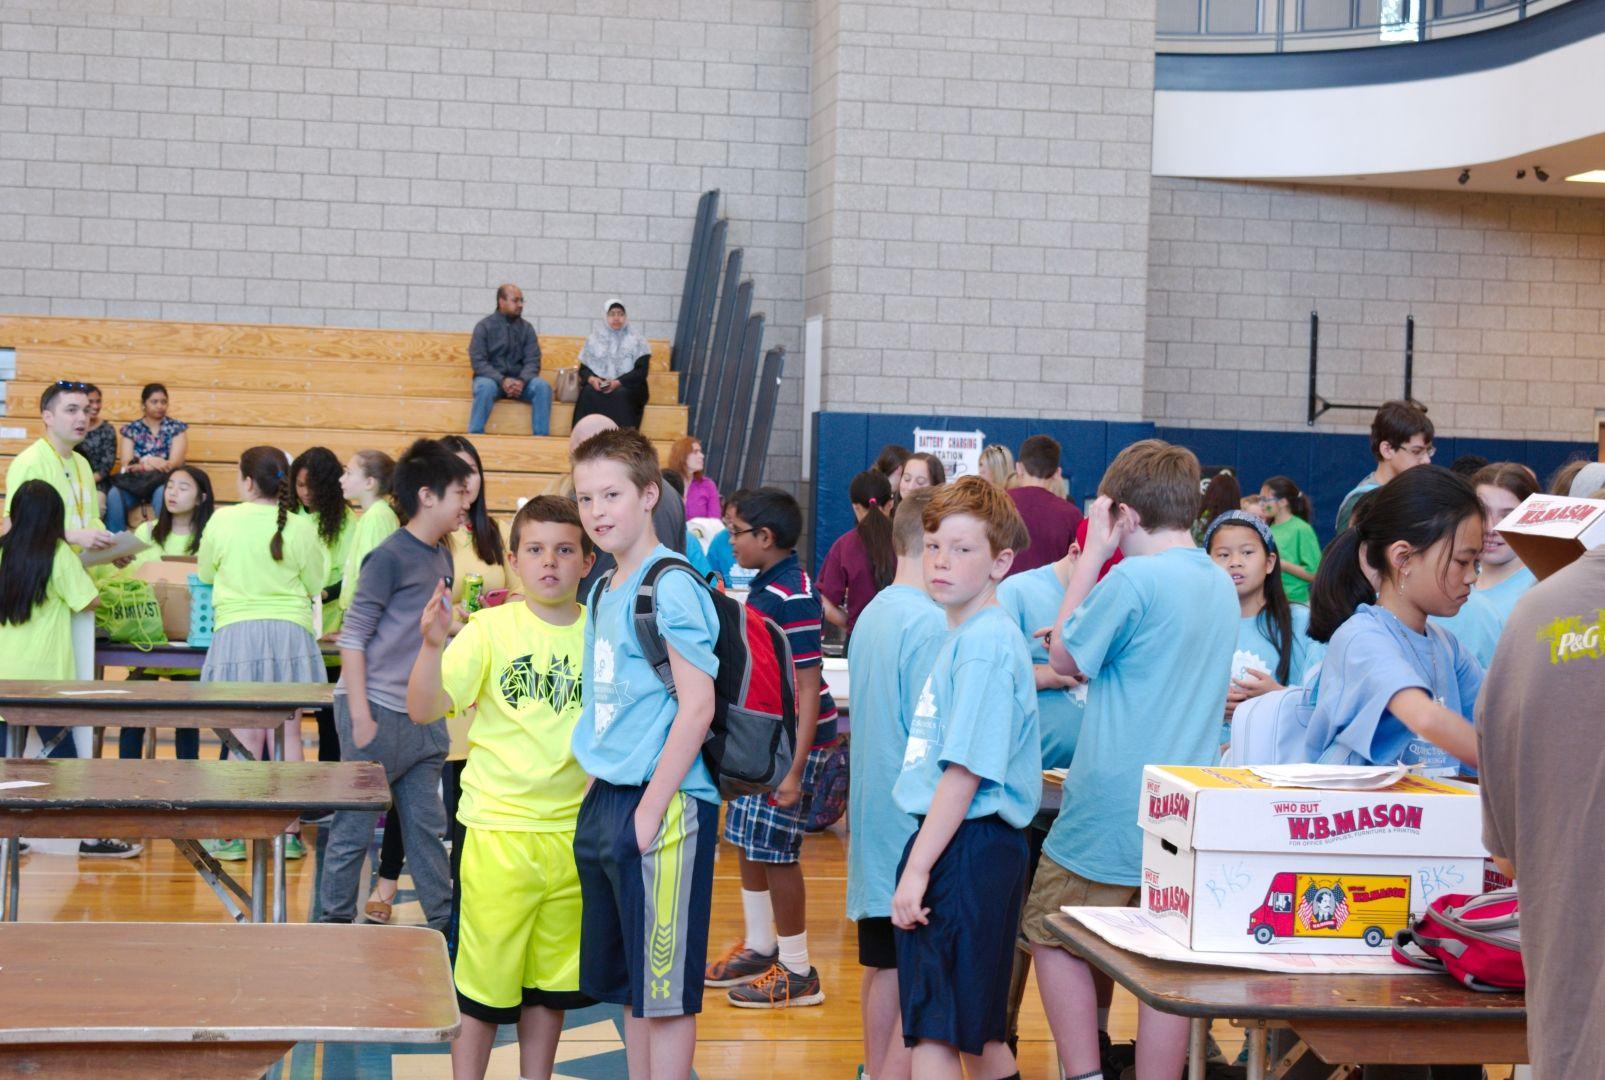 021.2017 Quincy Public Schools Robotics Challenge